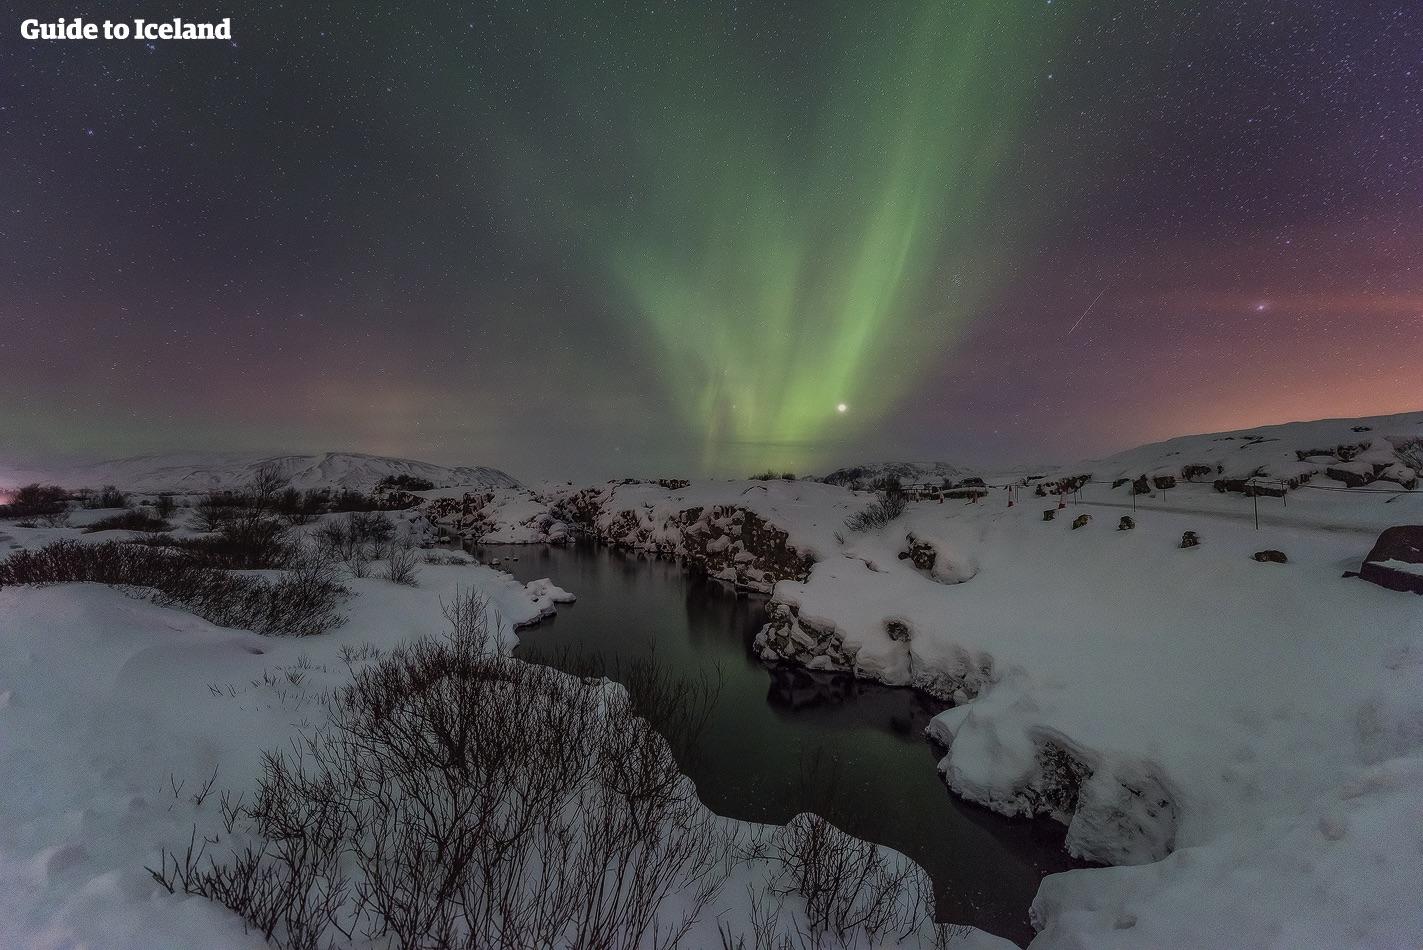 Þingvellir är en nationalpark som finns med på UNESCO:s världsarvslista, ett geologiskt sagoland och en fantastisk plats att skåda norrskenet från.